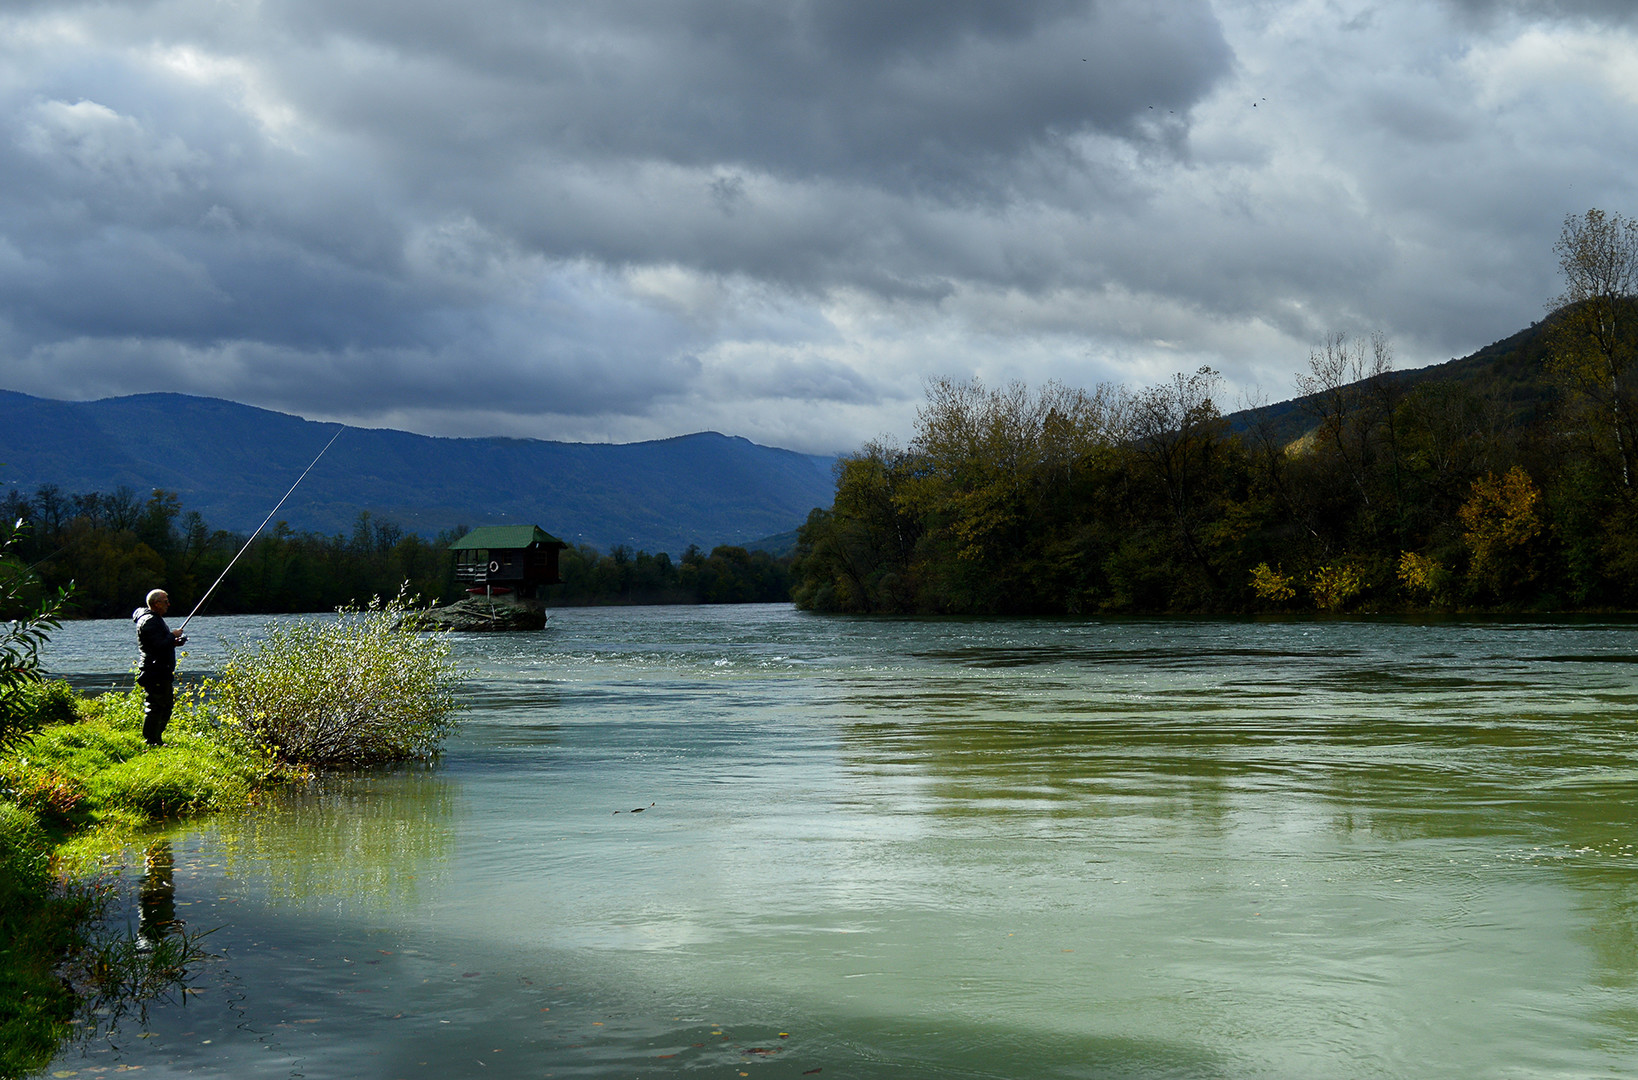 Ribar na Drini